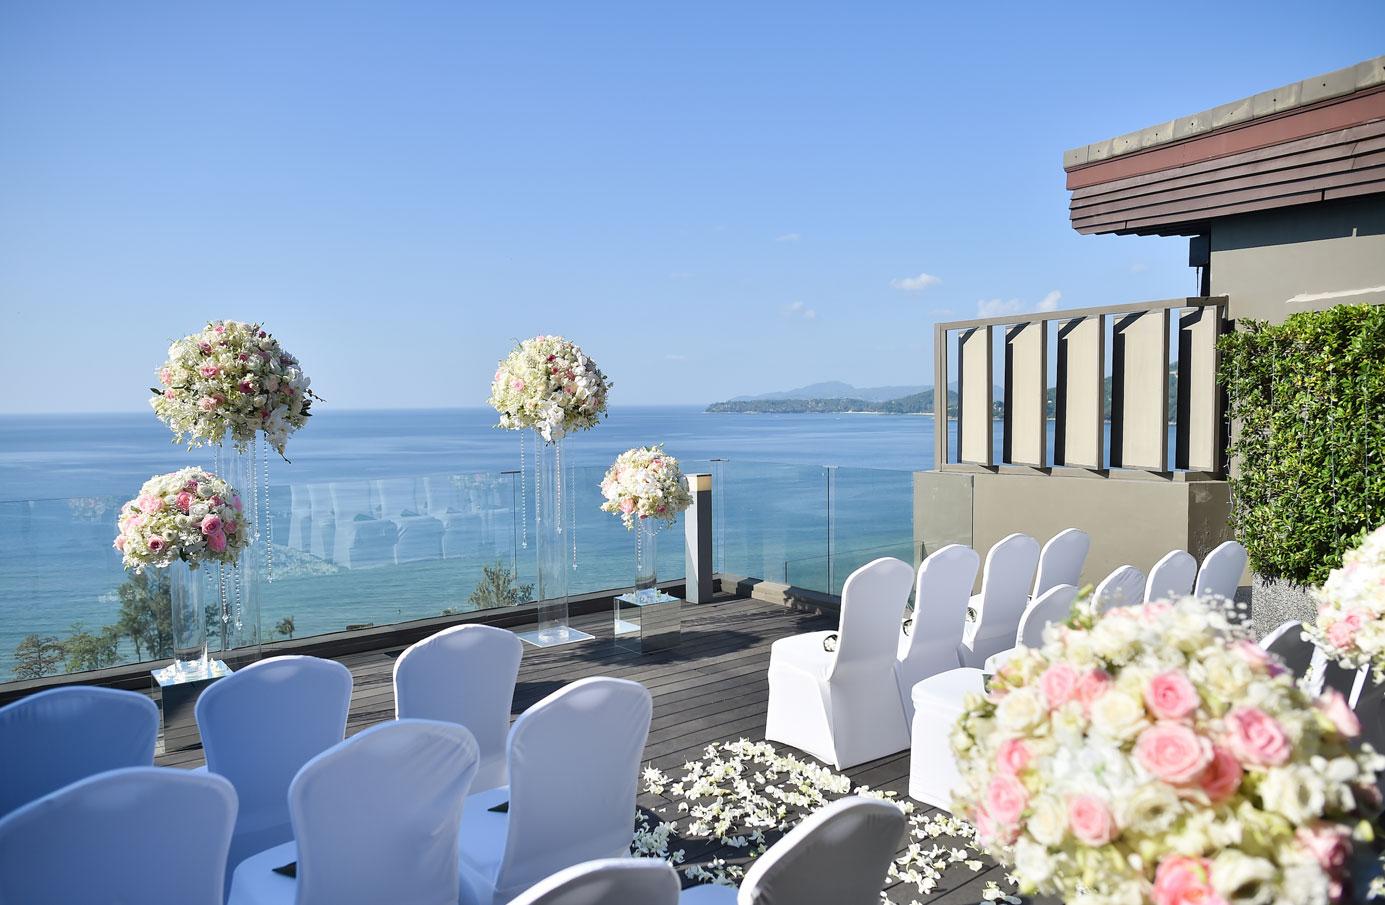 PHUHR_P253_Wedding_Ceremony_Hilltop_Regency_Suite_Terrace